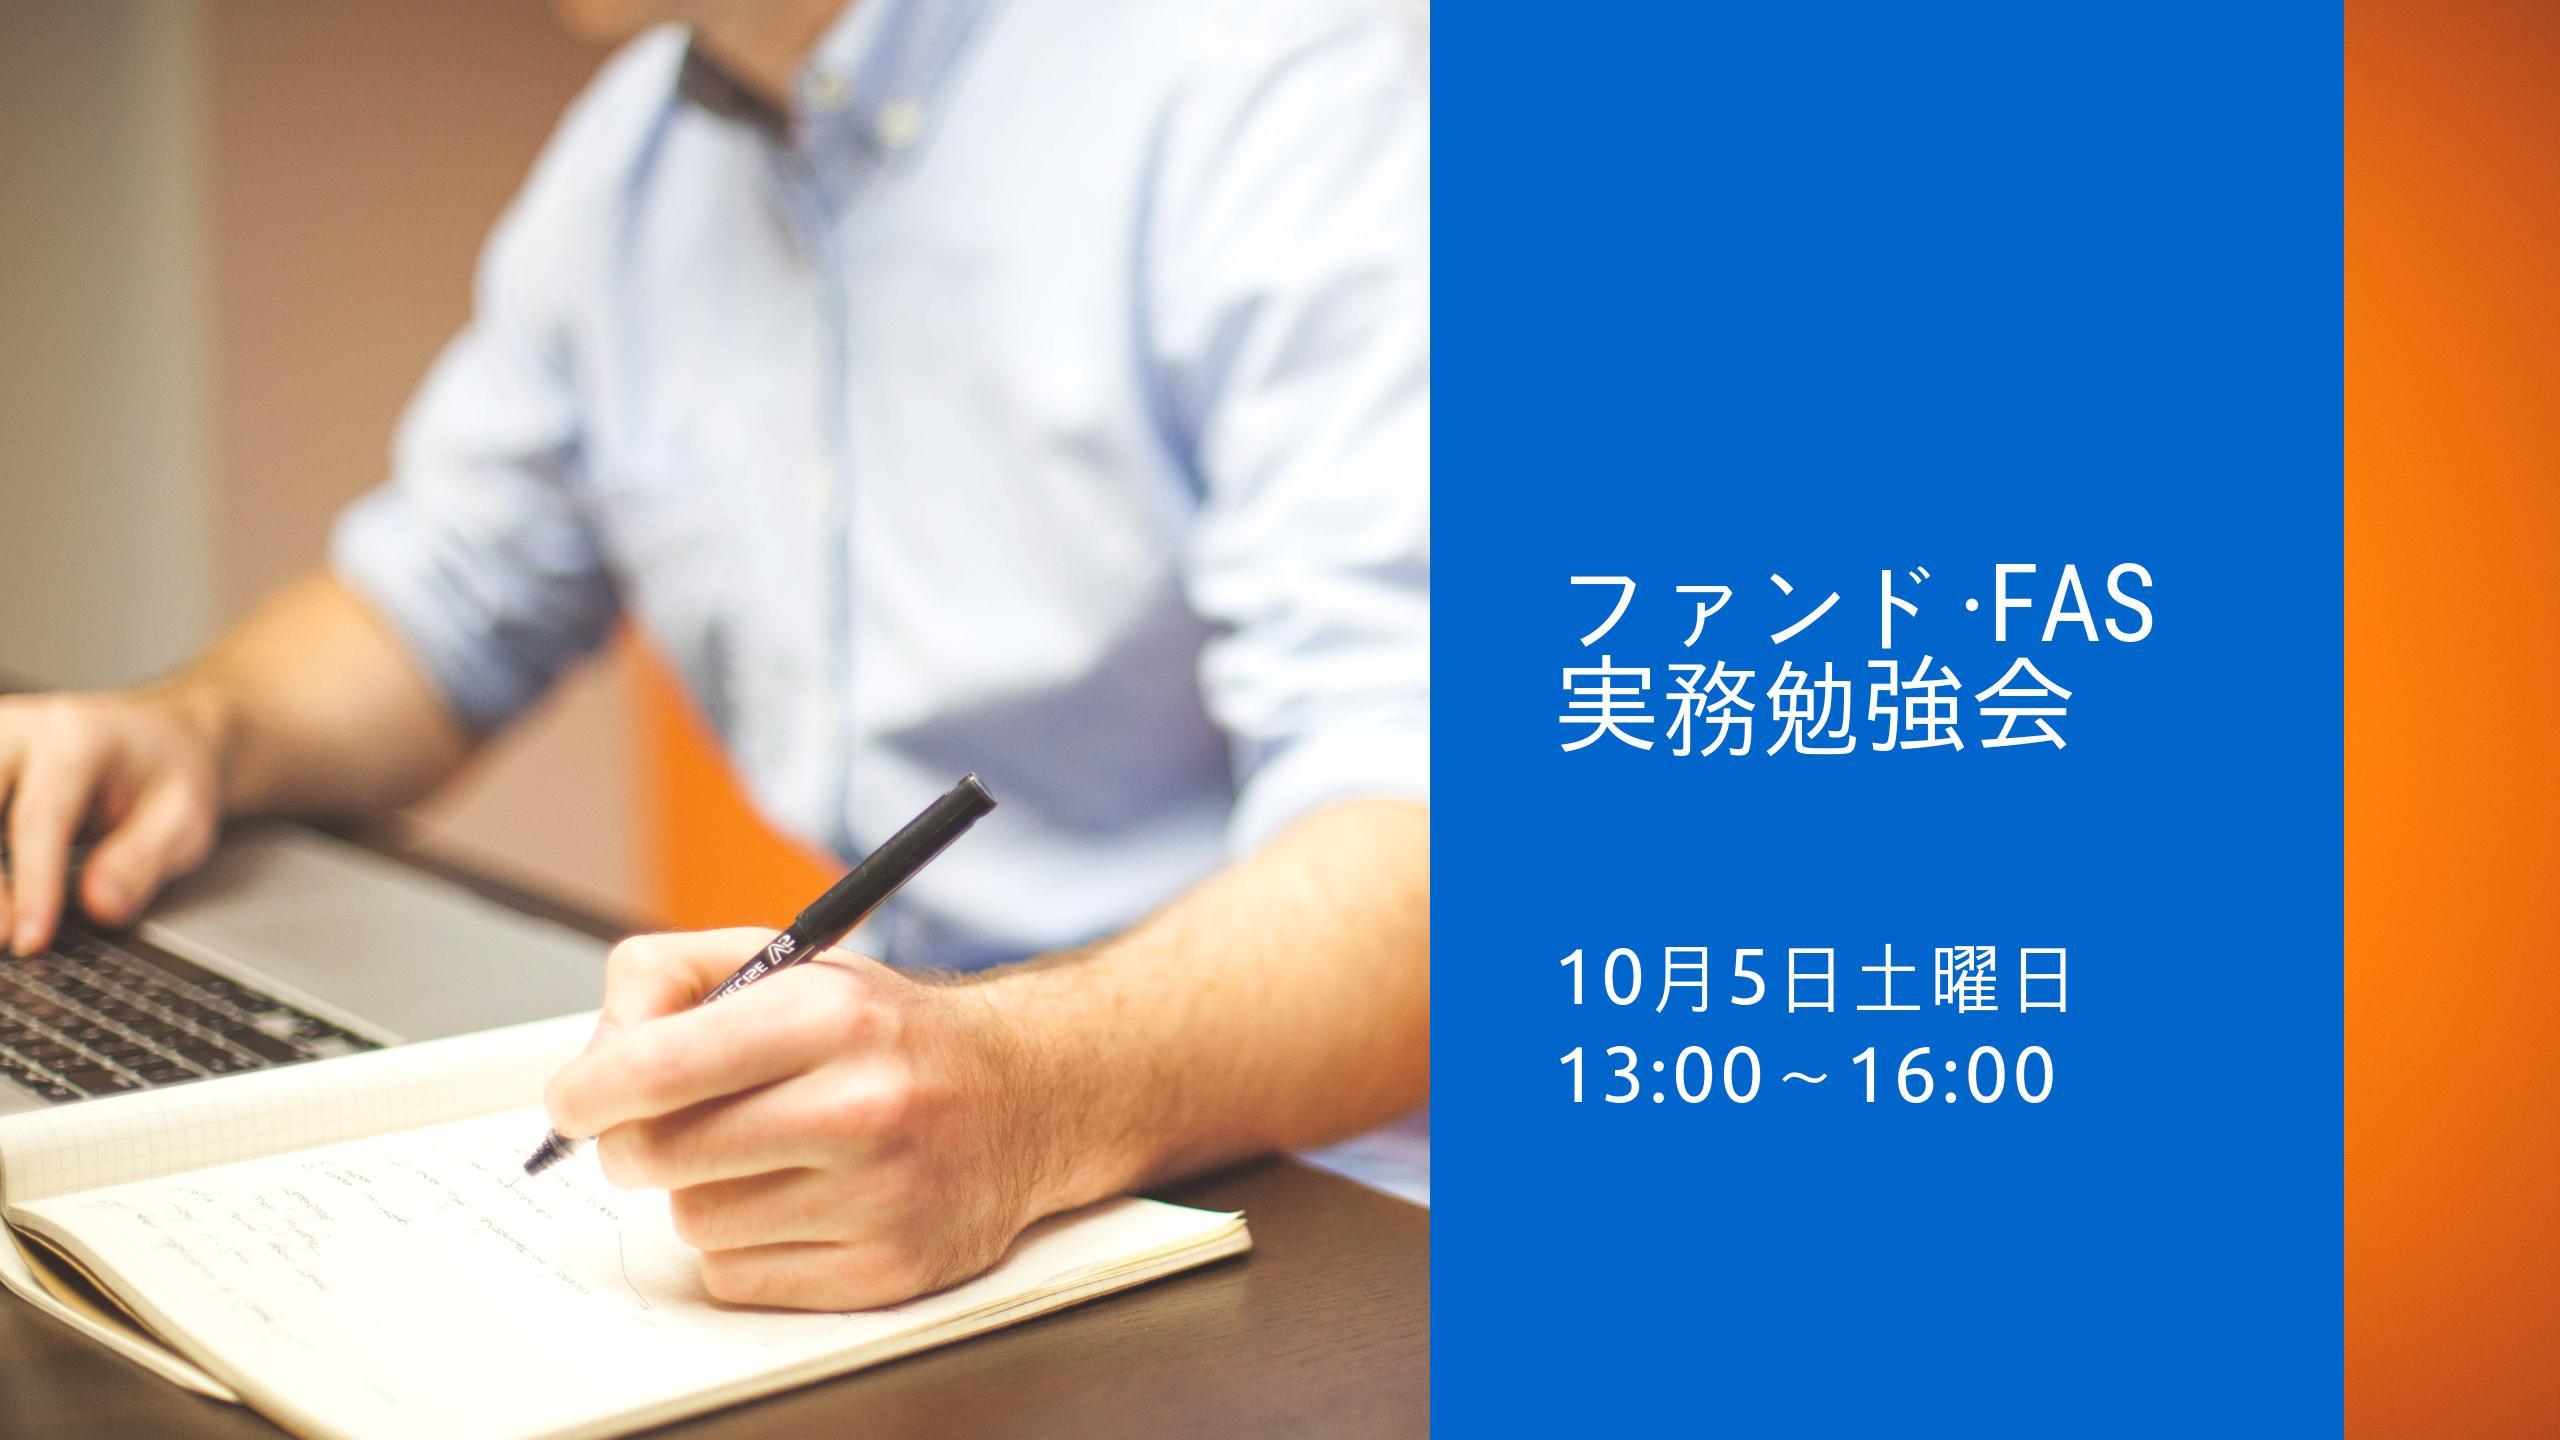 【10月5日開催】ファンド・FAS実務勉強会